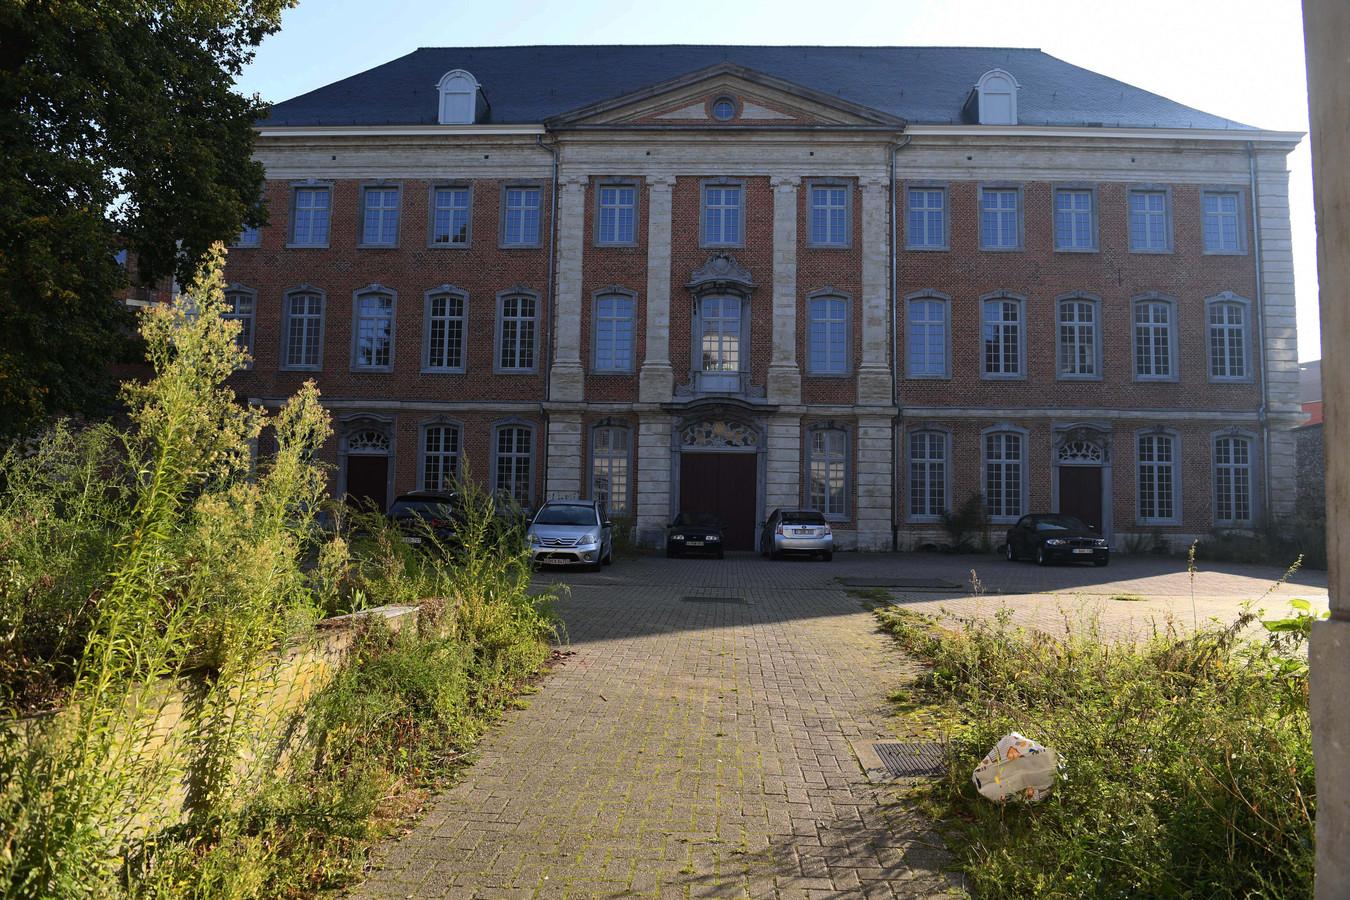 Het Luxemburgcollege in de Vaartstraat in Leuven is een prachtig pand maar staat te verkommeren en kreunt onder de leegstand.